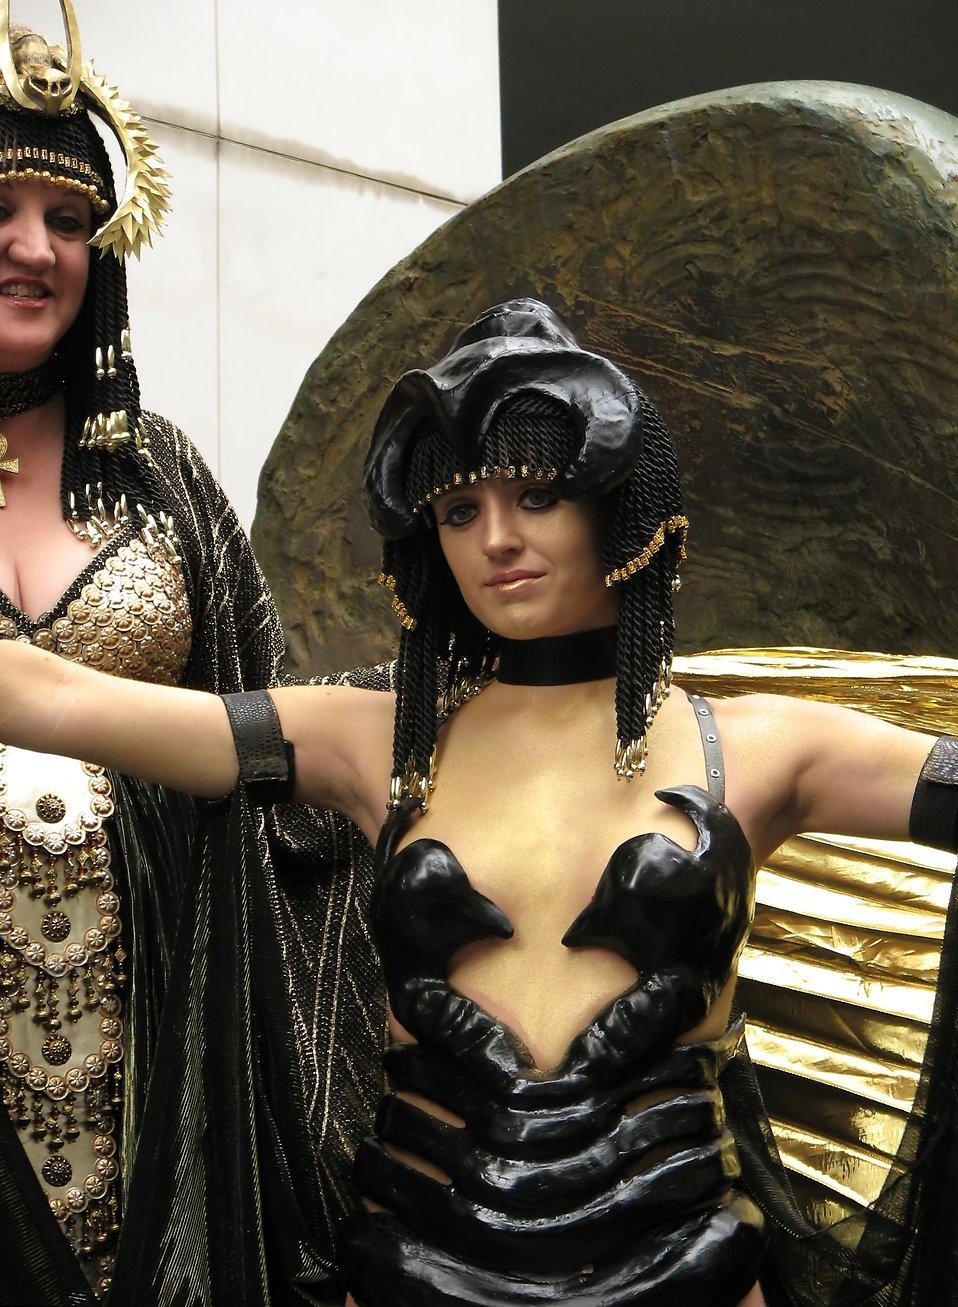 A beautiful girl in an Egyptian costume at Dragoncon 2009 in Atlanta, Georgia : Free Stock Photo